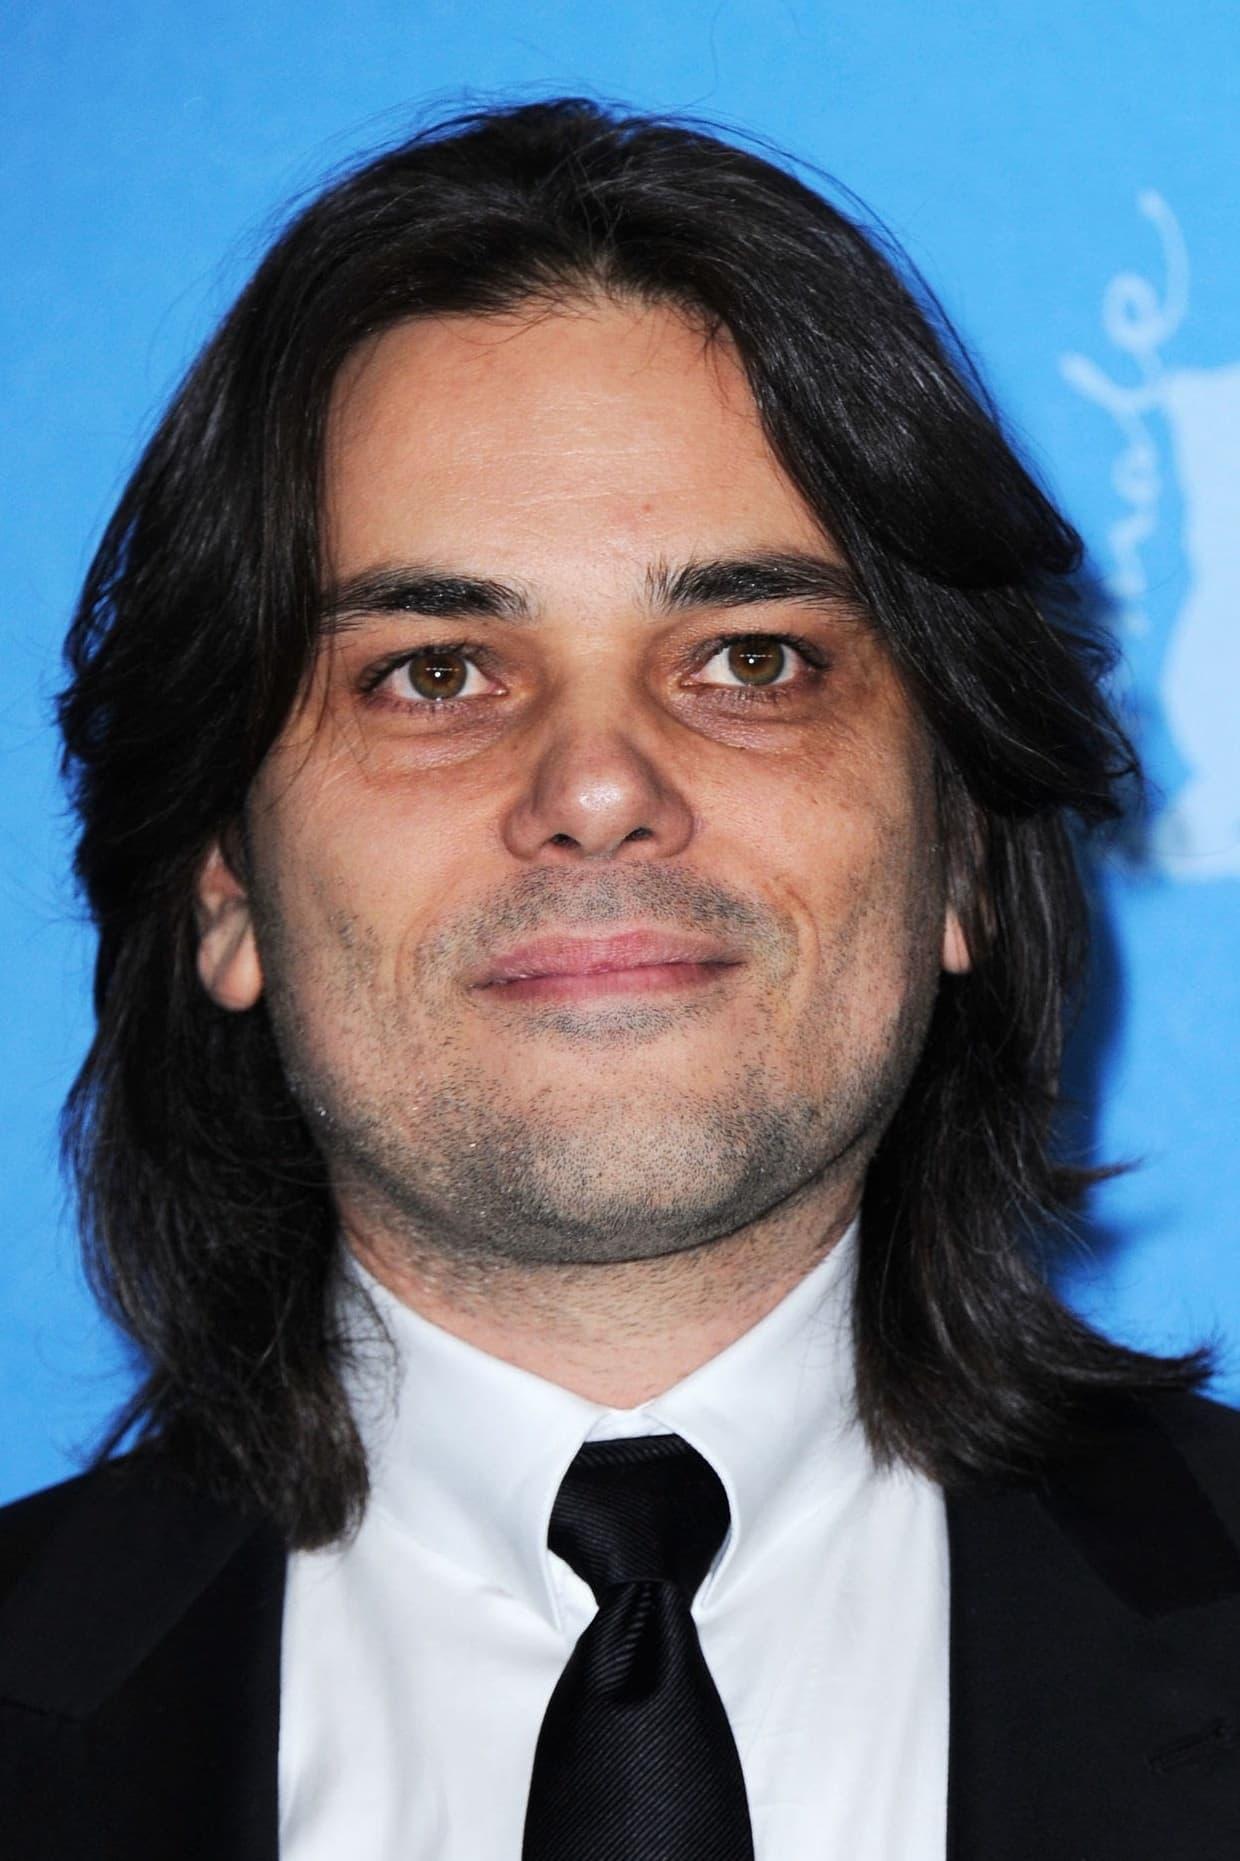 Arturo Paglia